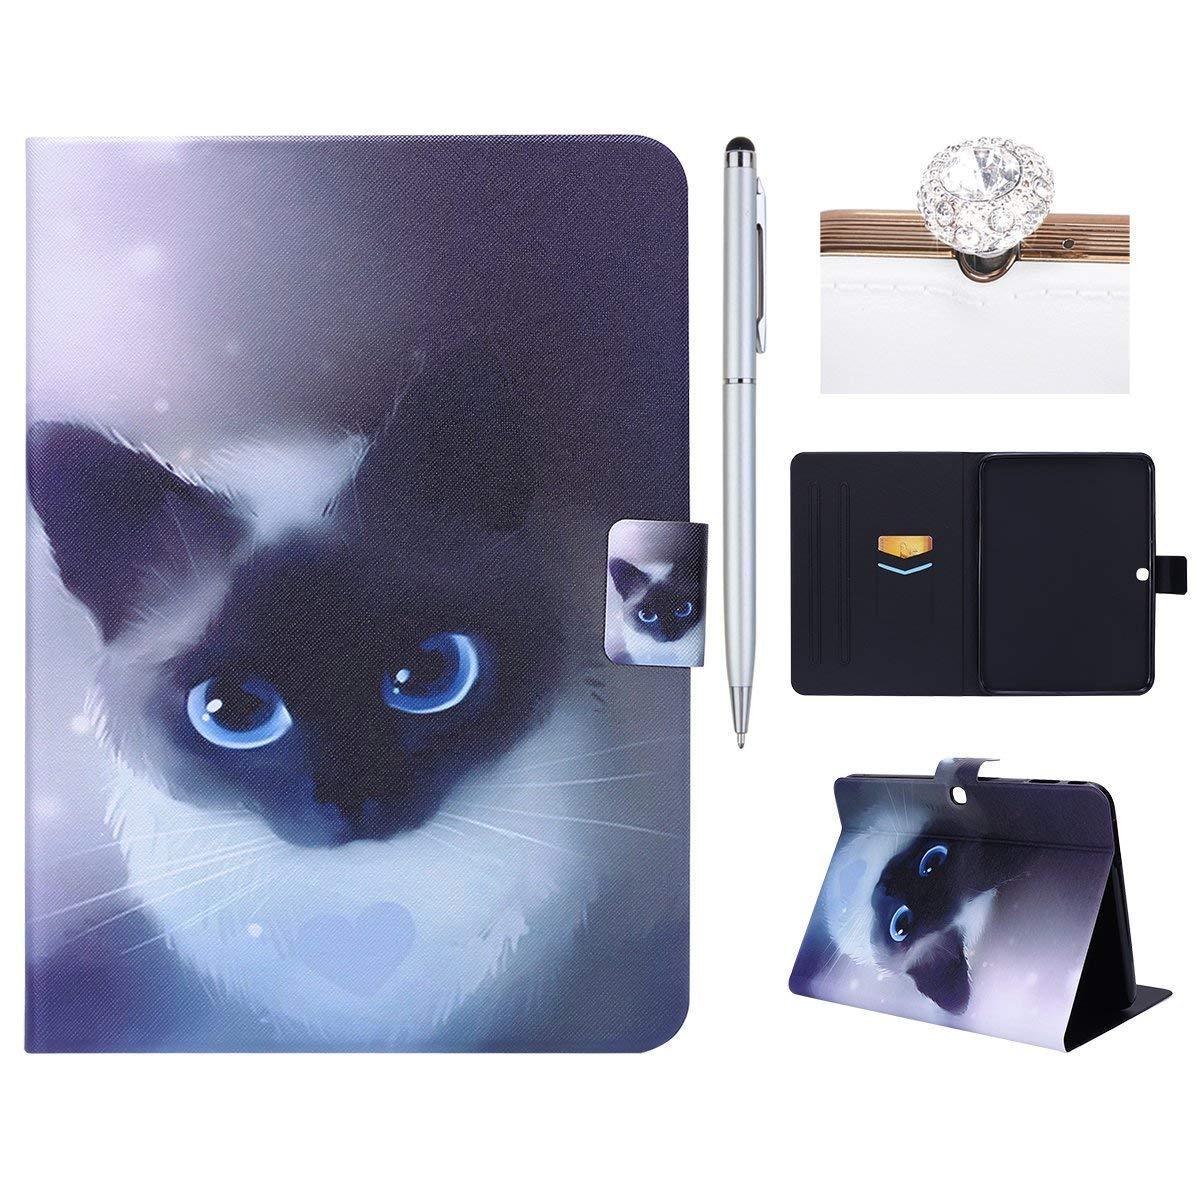 Felfy Kompatibel mit H/ülle Samsung Galaxy Tab 3 10.1 P5200 P5210 Case Pink Liebe Muster PU Leder H/ülle Smart Flip Case Tasche mit Automatischem Schlaf Funktion und Standfunktion,EINWEG Verpackung